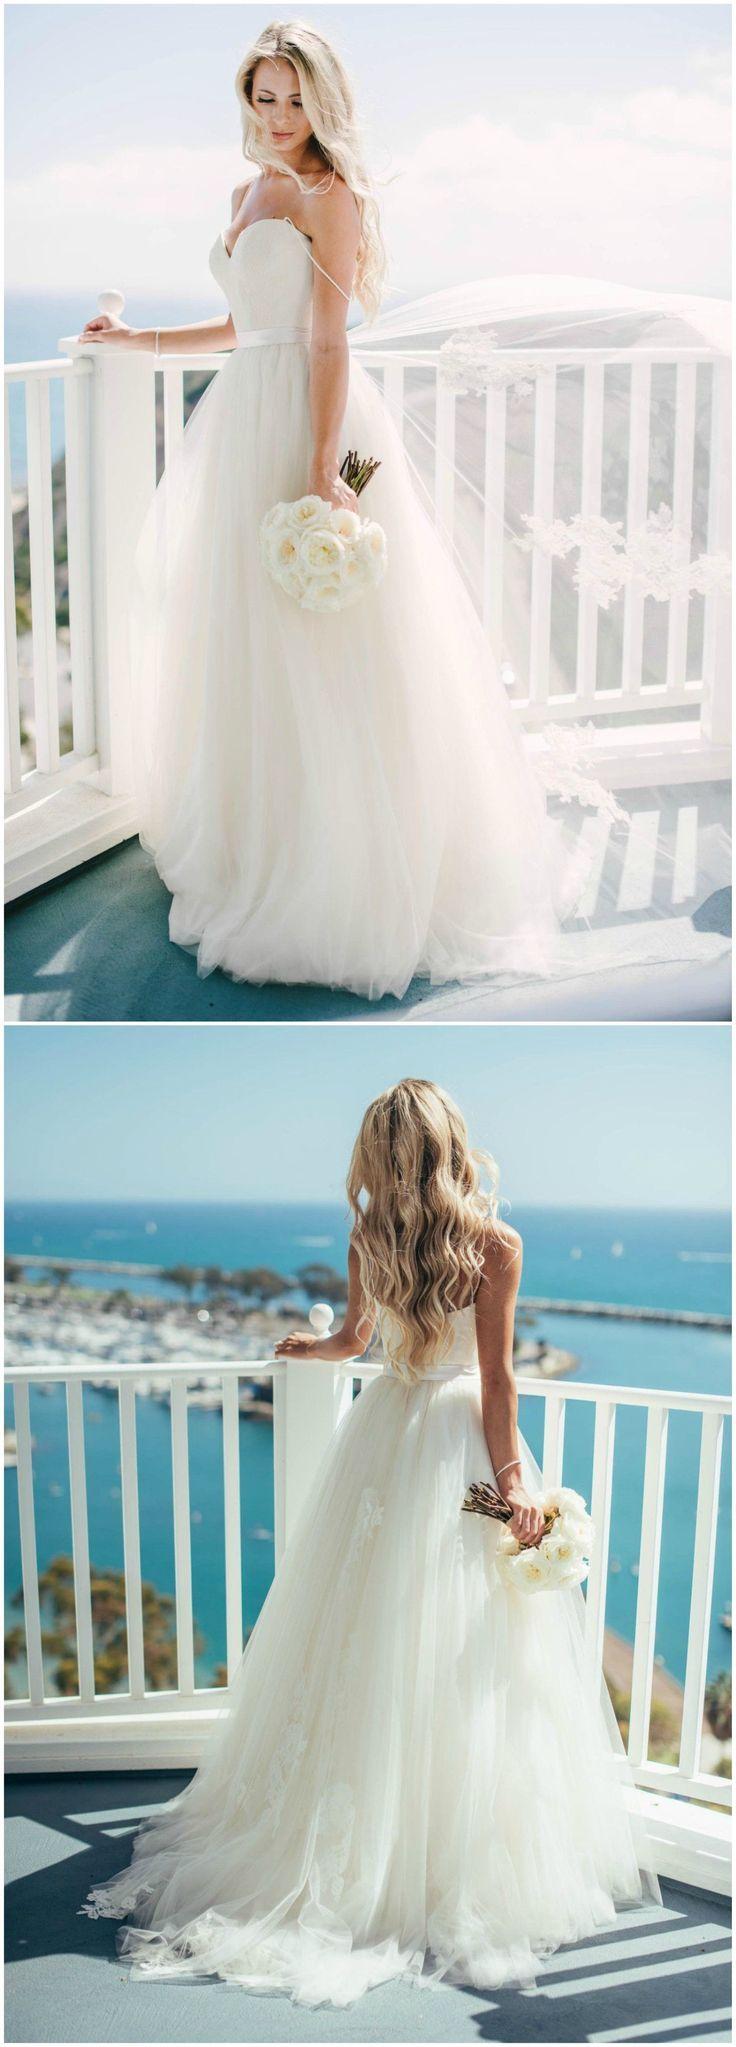 337 besten Beach Weddings Bilder auf Pinterest | Strand hochzeiten ...